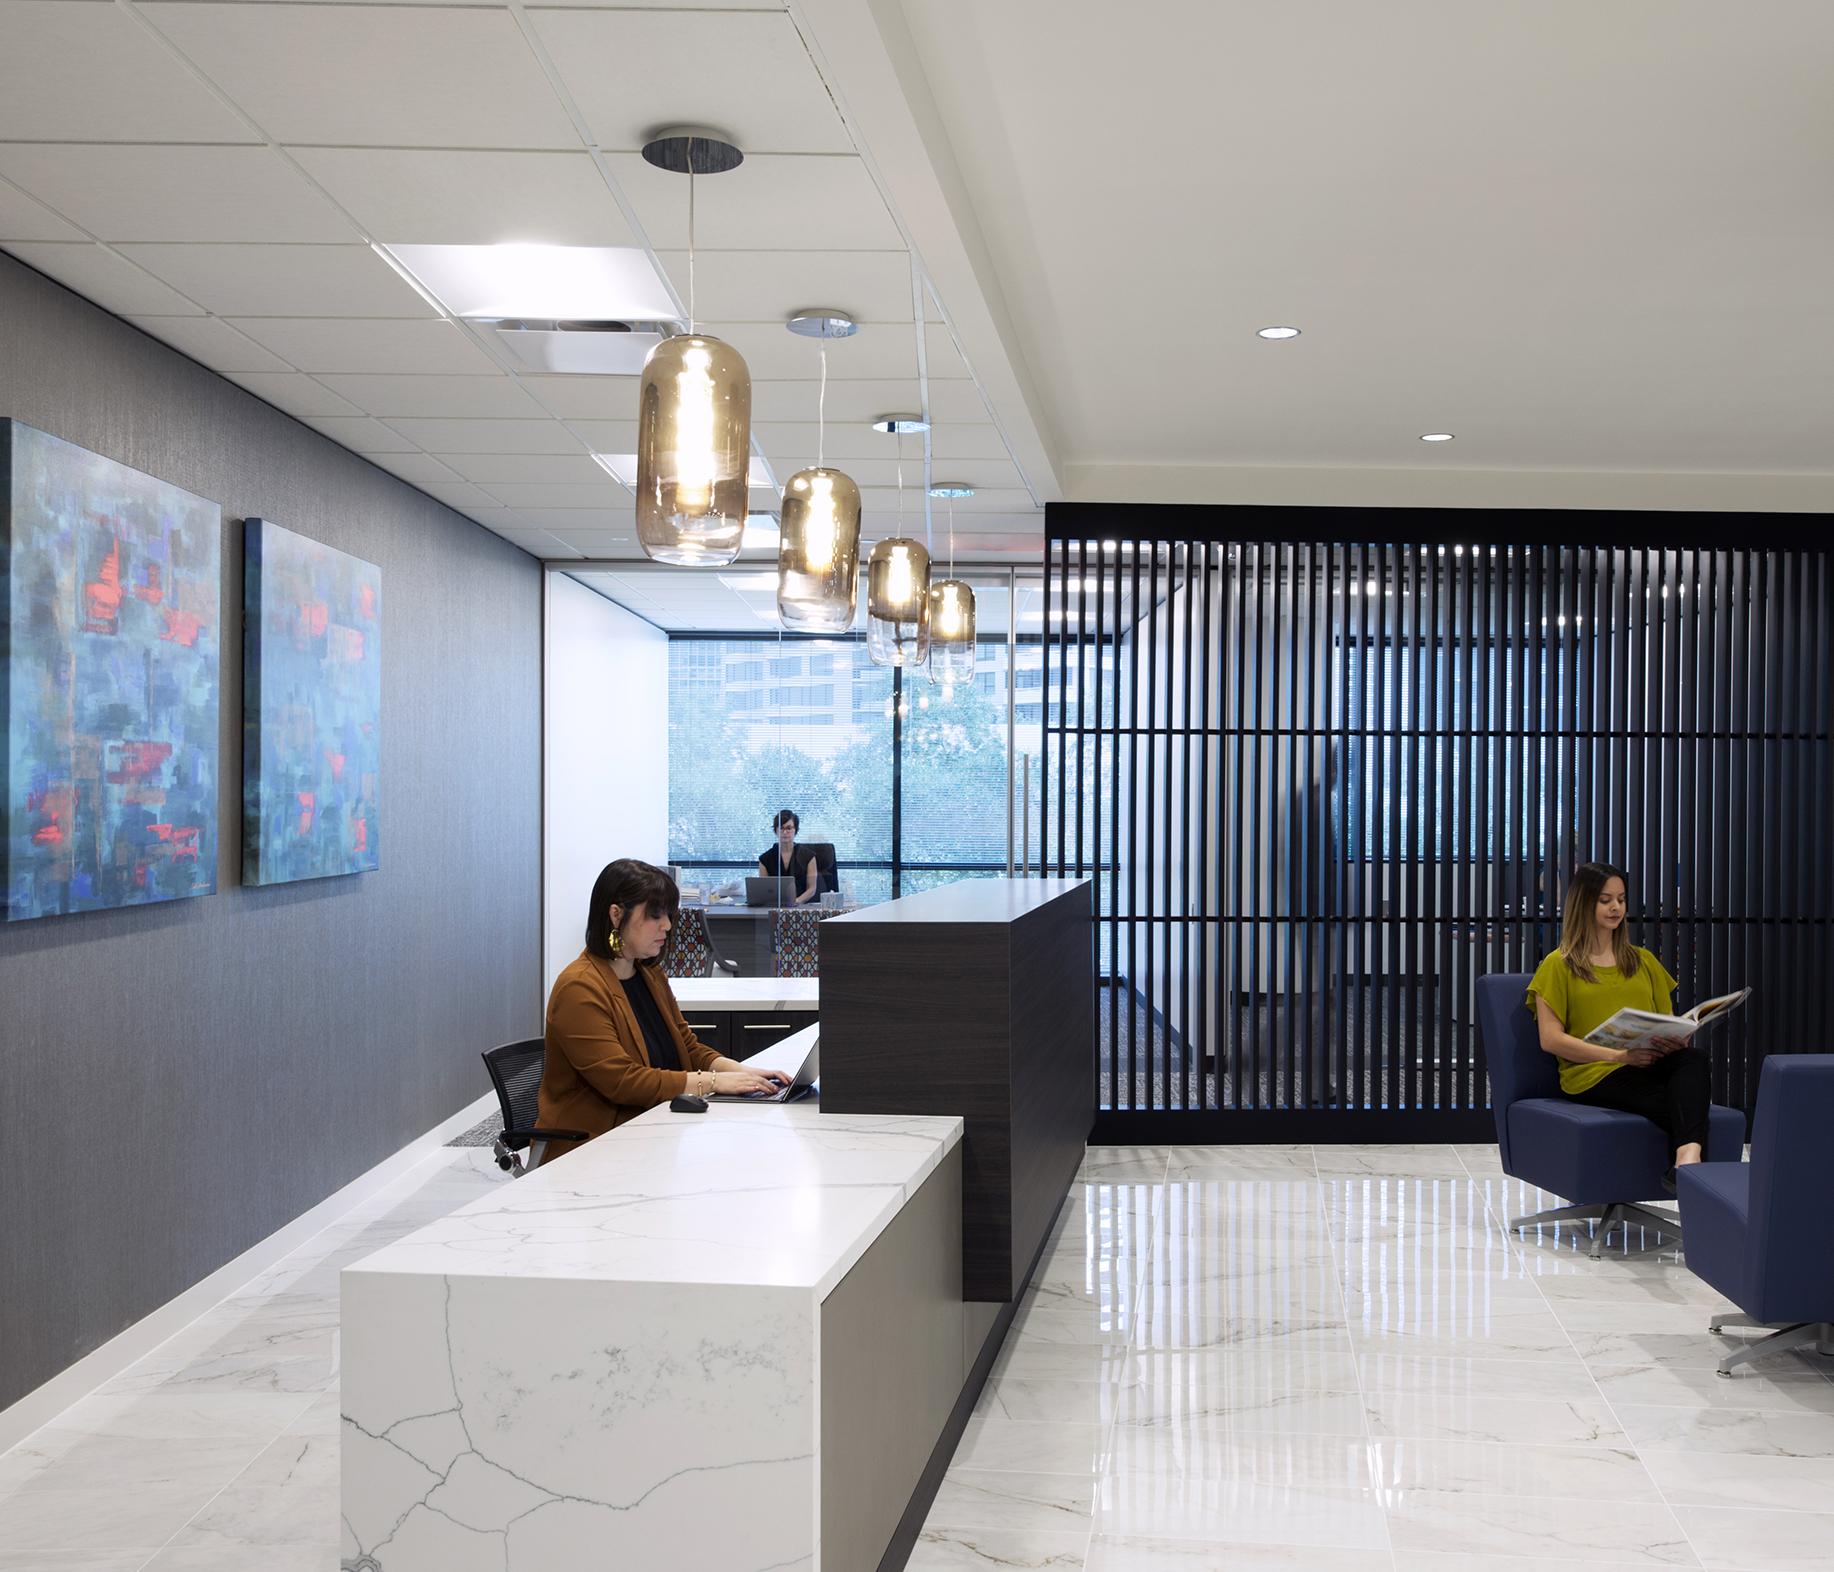 Anchor workspace